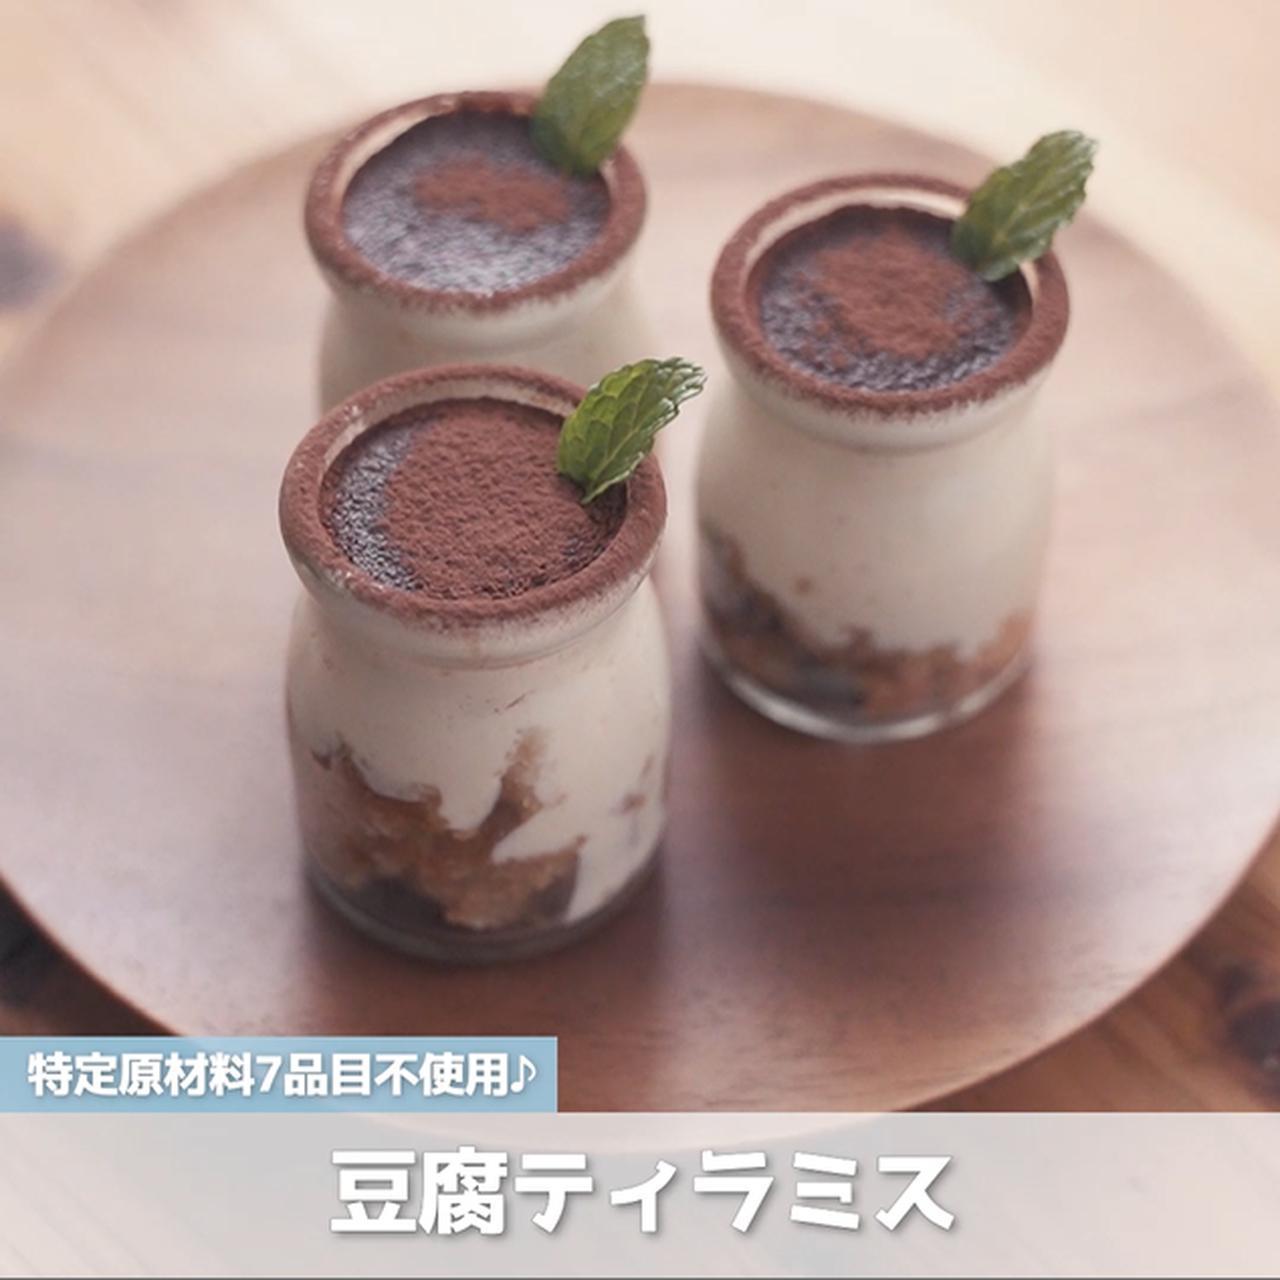 画像: 米粉と豆腐でつくるスイーツ!?豆腐ティラミス - 君とごはん